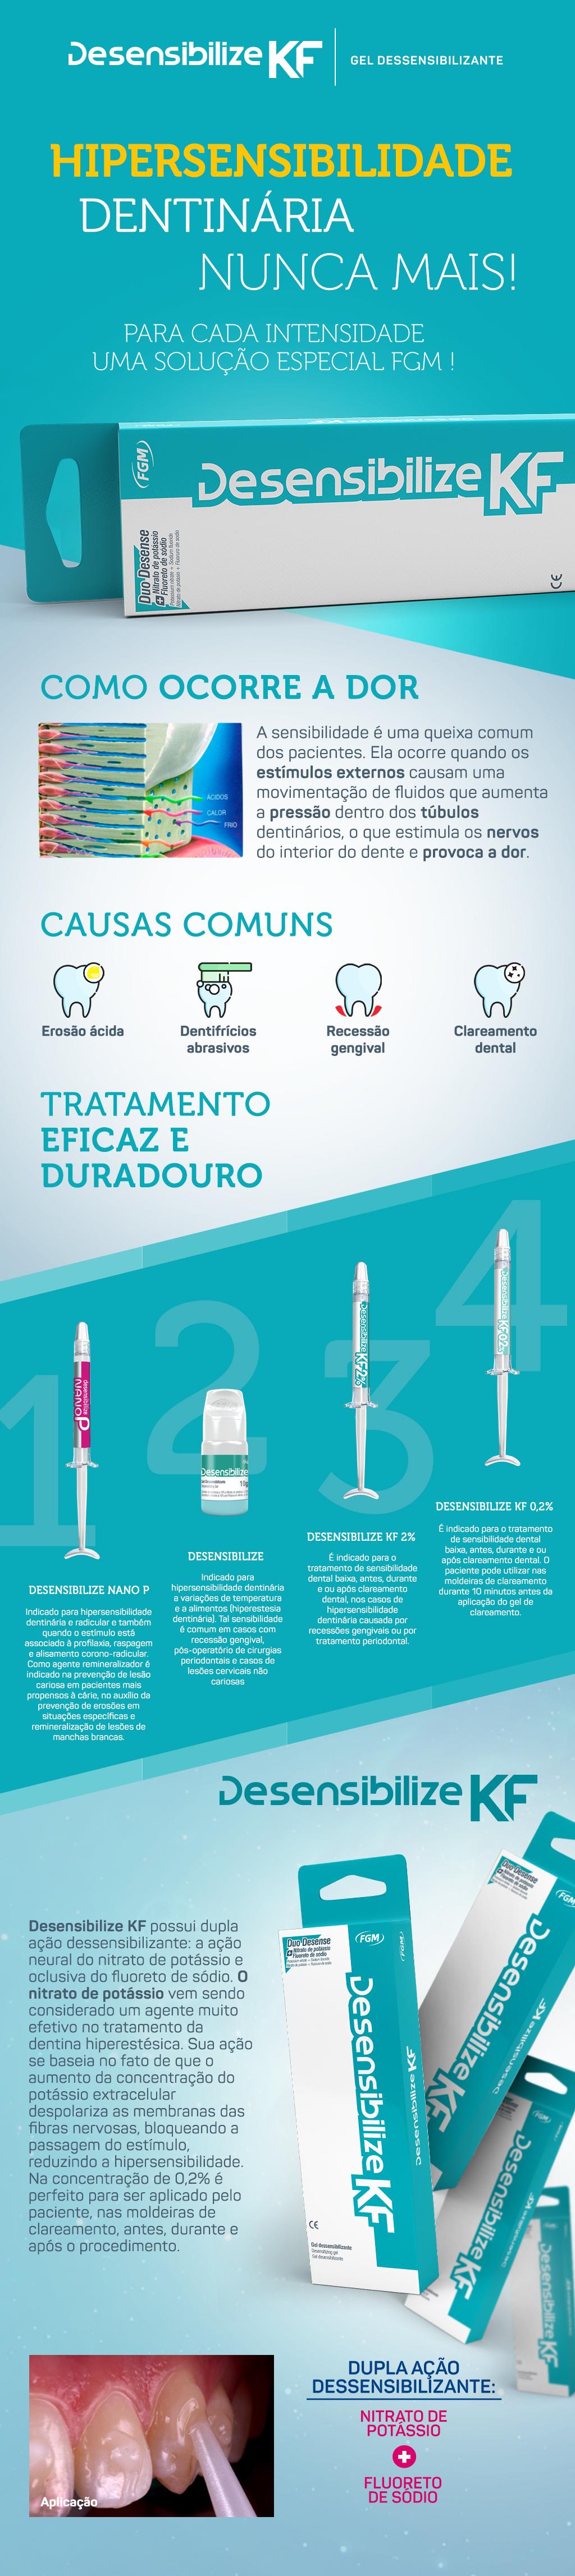 Infográfico do produto Dessensibilizante Desensibilize KF 2% (2,5g)